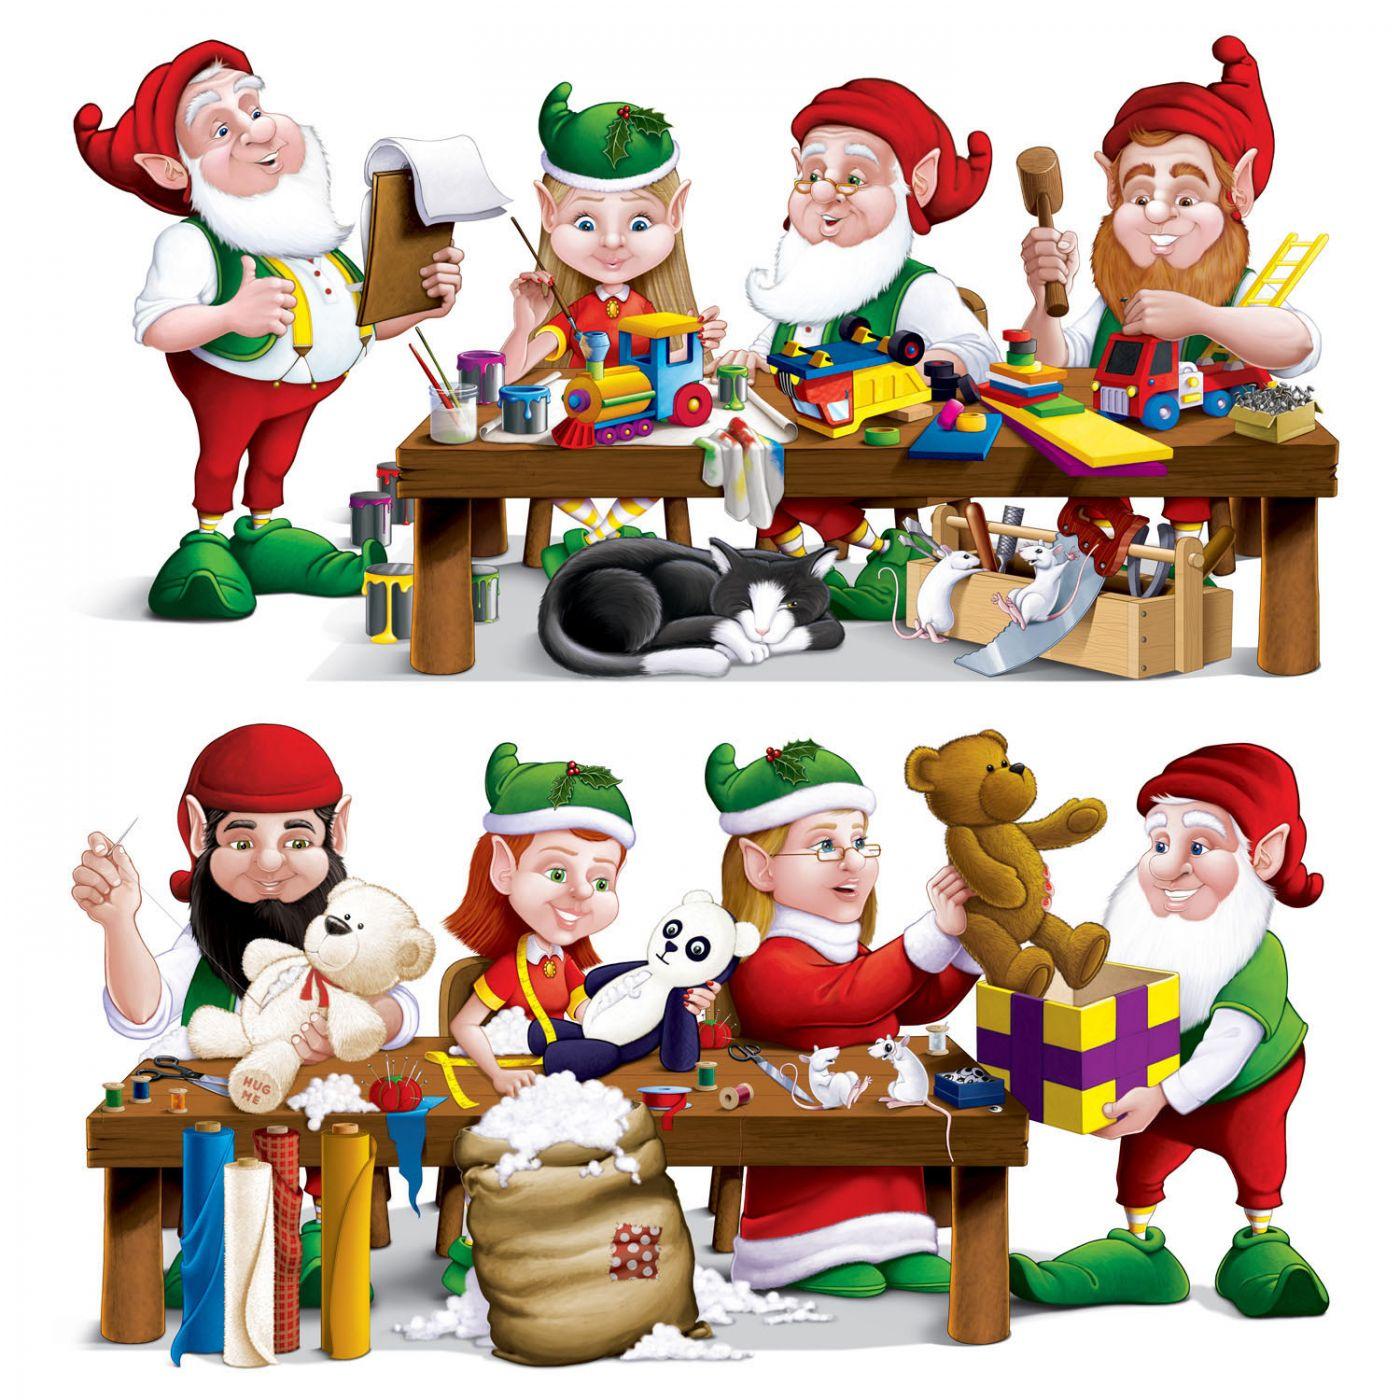 Santa's Workshop Props image